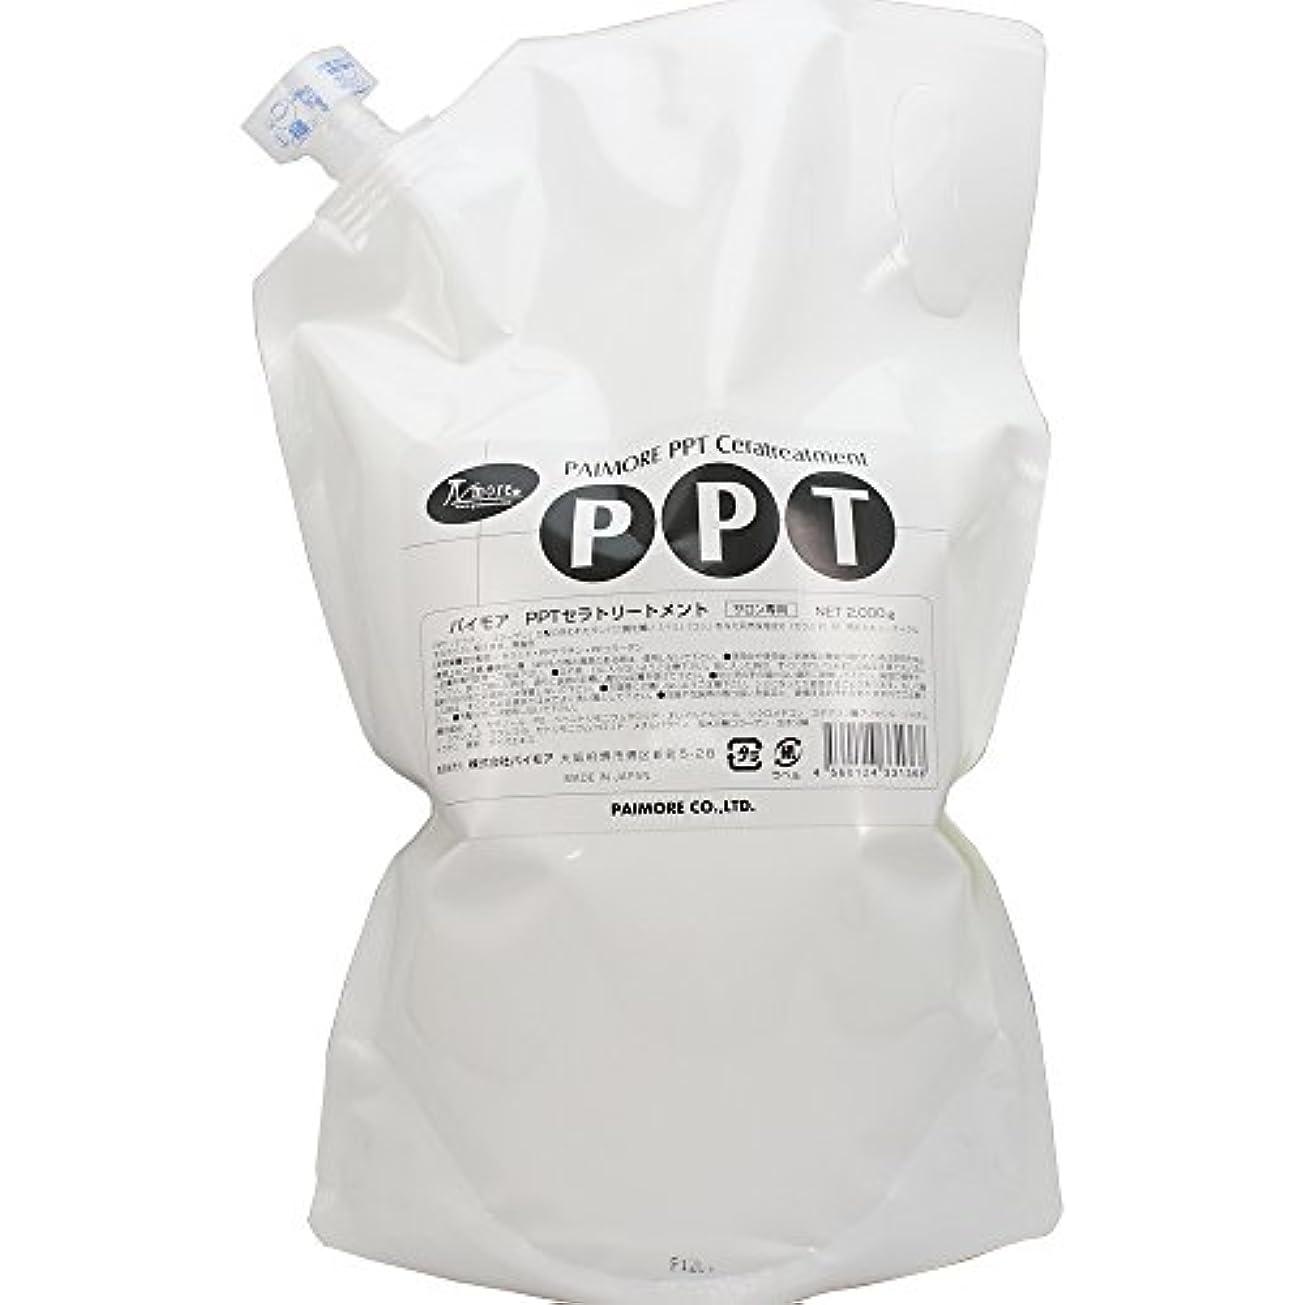 絵説教巨大なπmore 2000g パイモア PPT Cera Treatment PPTセラトリートメント 詰め替え